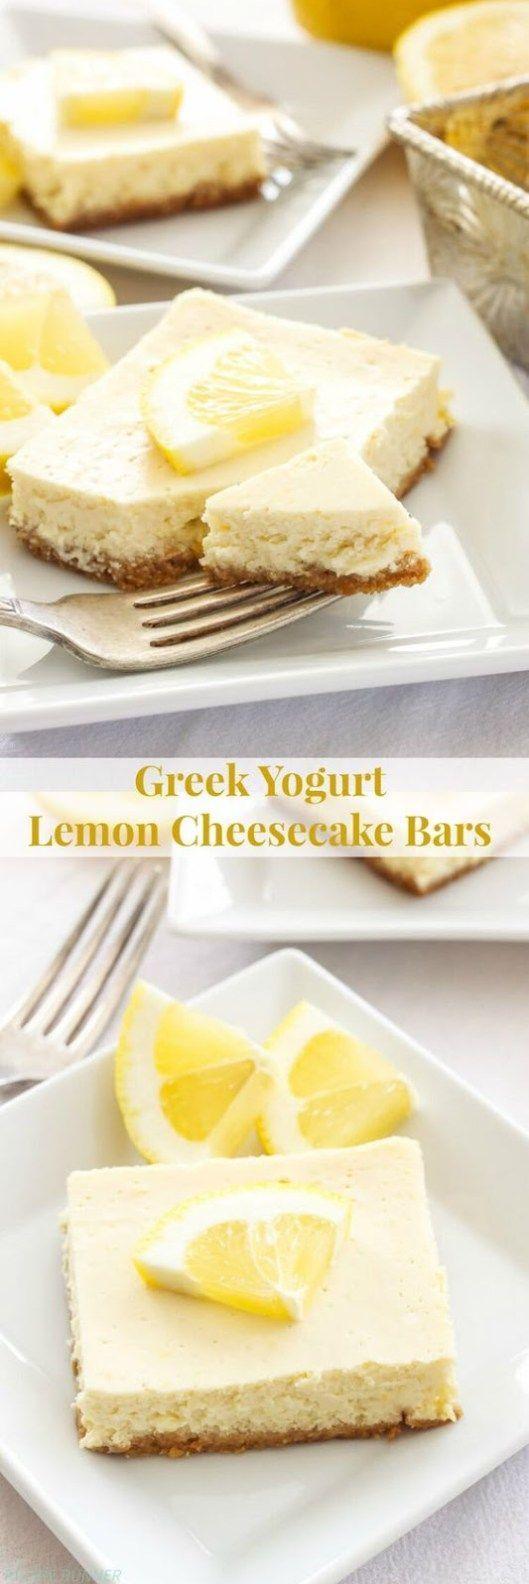 Rezept für einen griechischen Joghurt-Zitronen-Käsekuchen – #Bars #Cheesecake #Greek #Lemon #rec … 125f145a8c1297bd533ac21807dddcd3